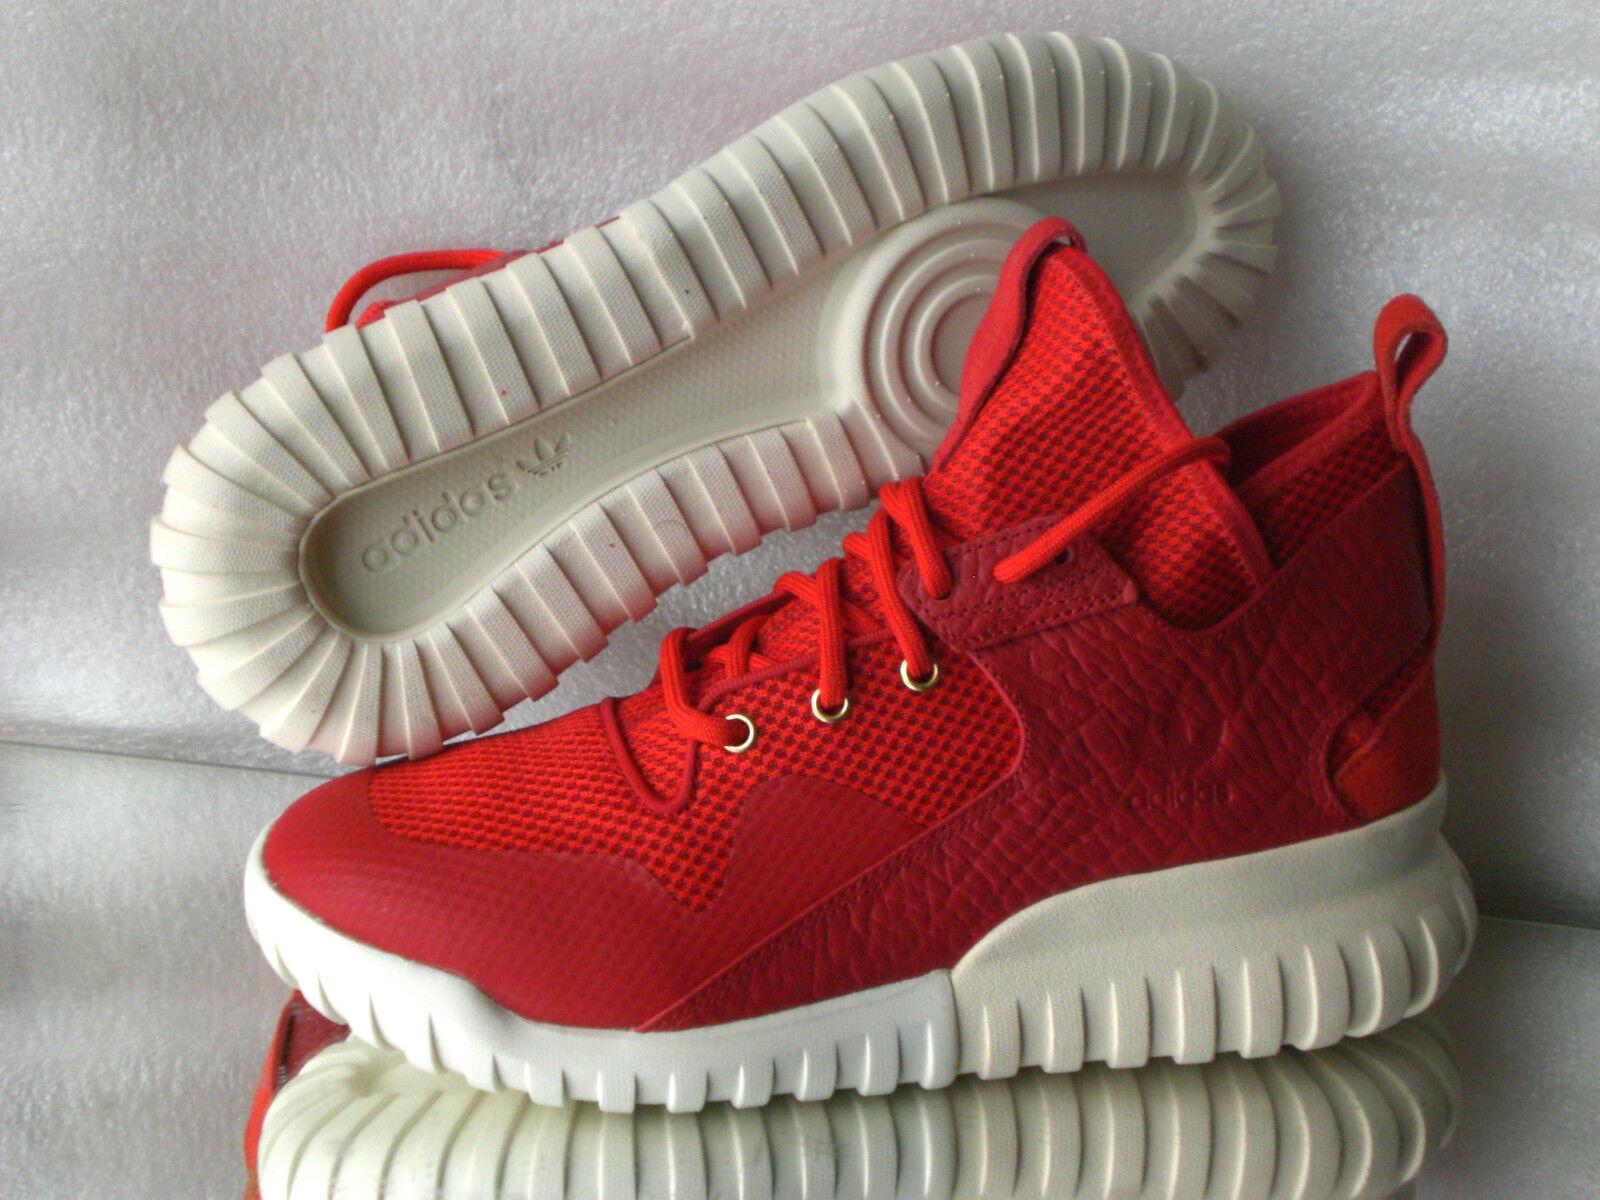 Adidas Originals tubular x yuans aq2548b High-top Basket Cuir/texil Mens rouge nouveau